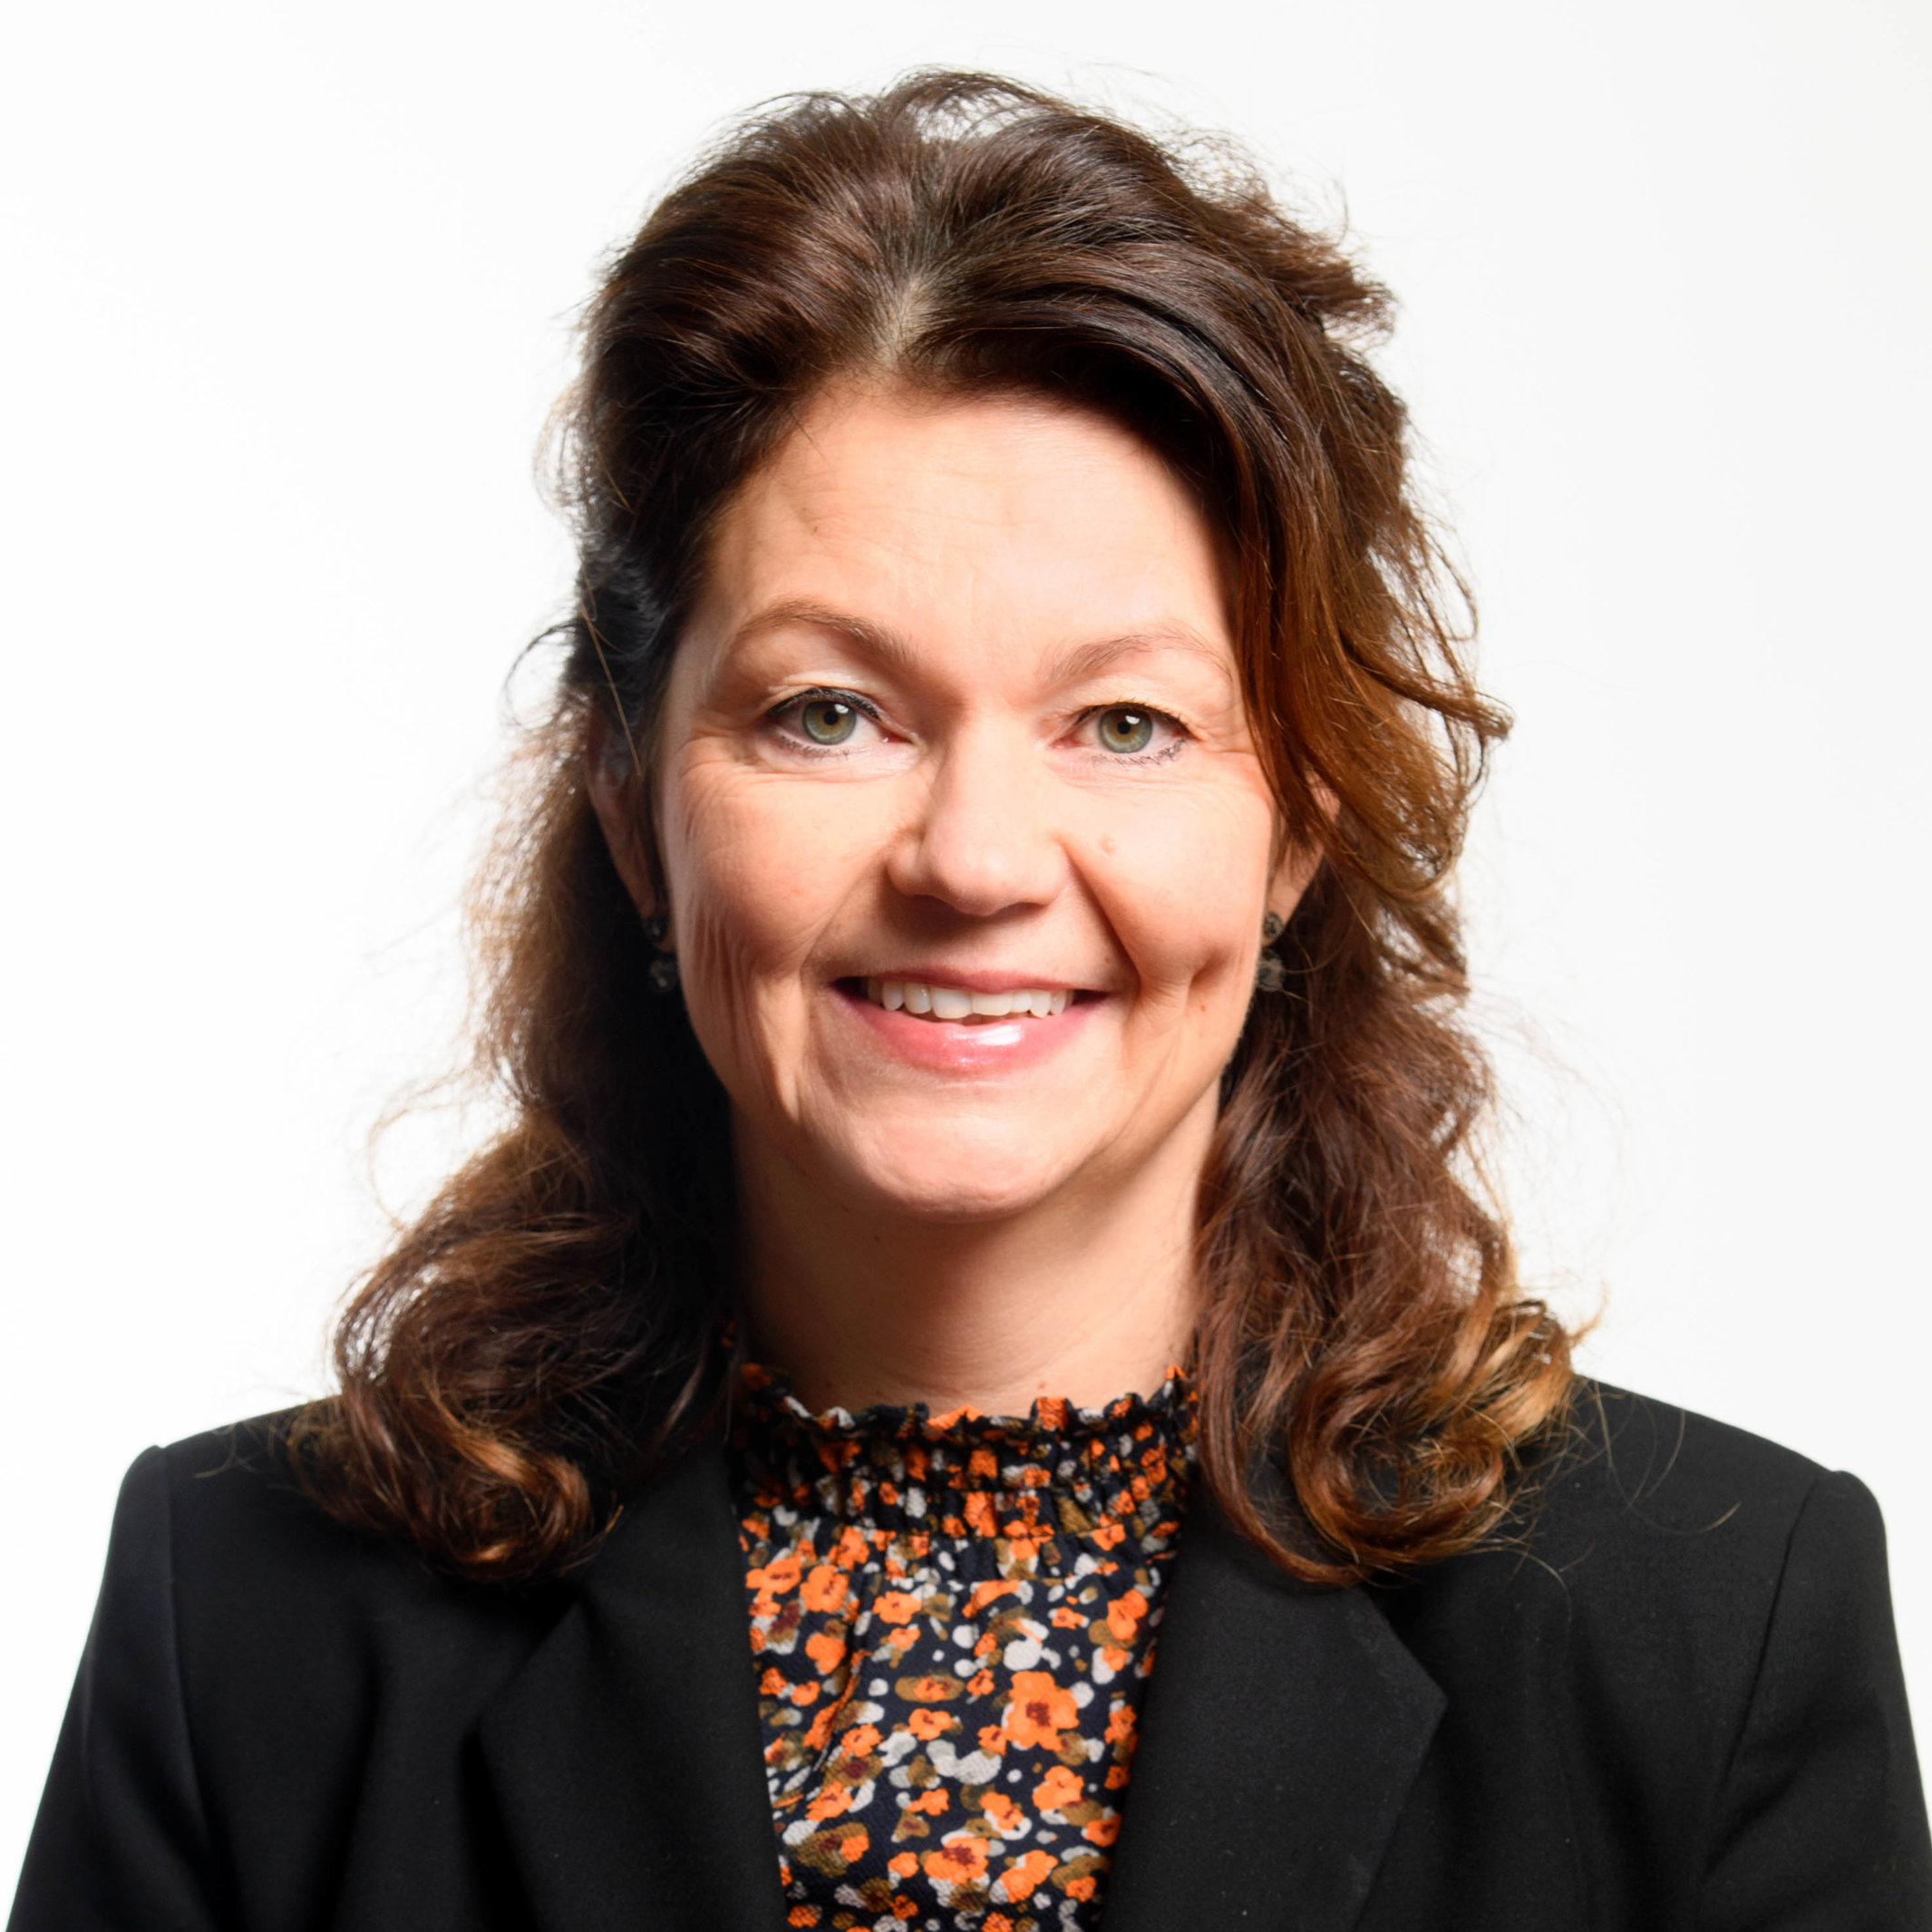 Miranda Oosdijk